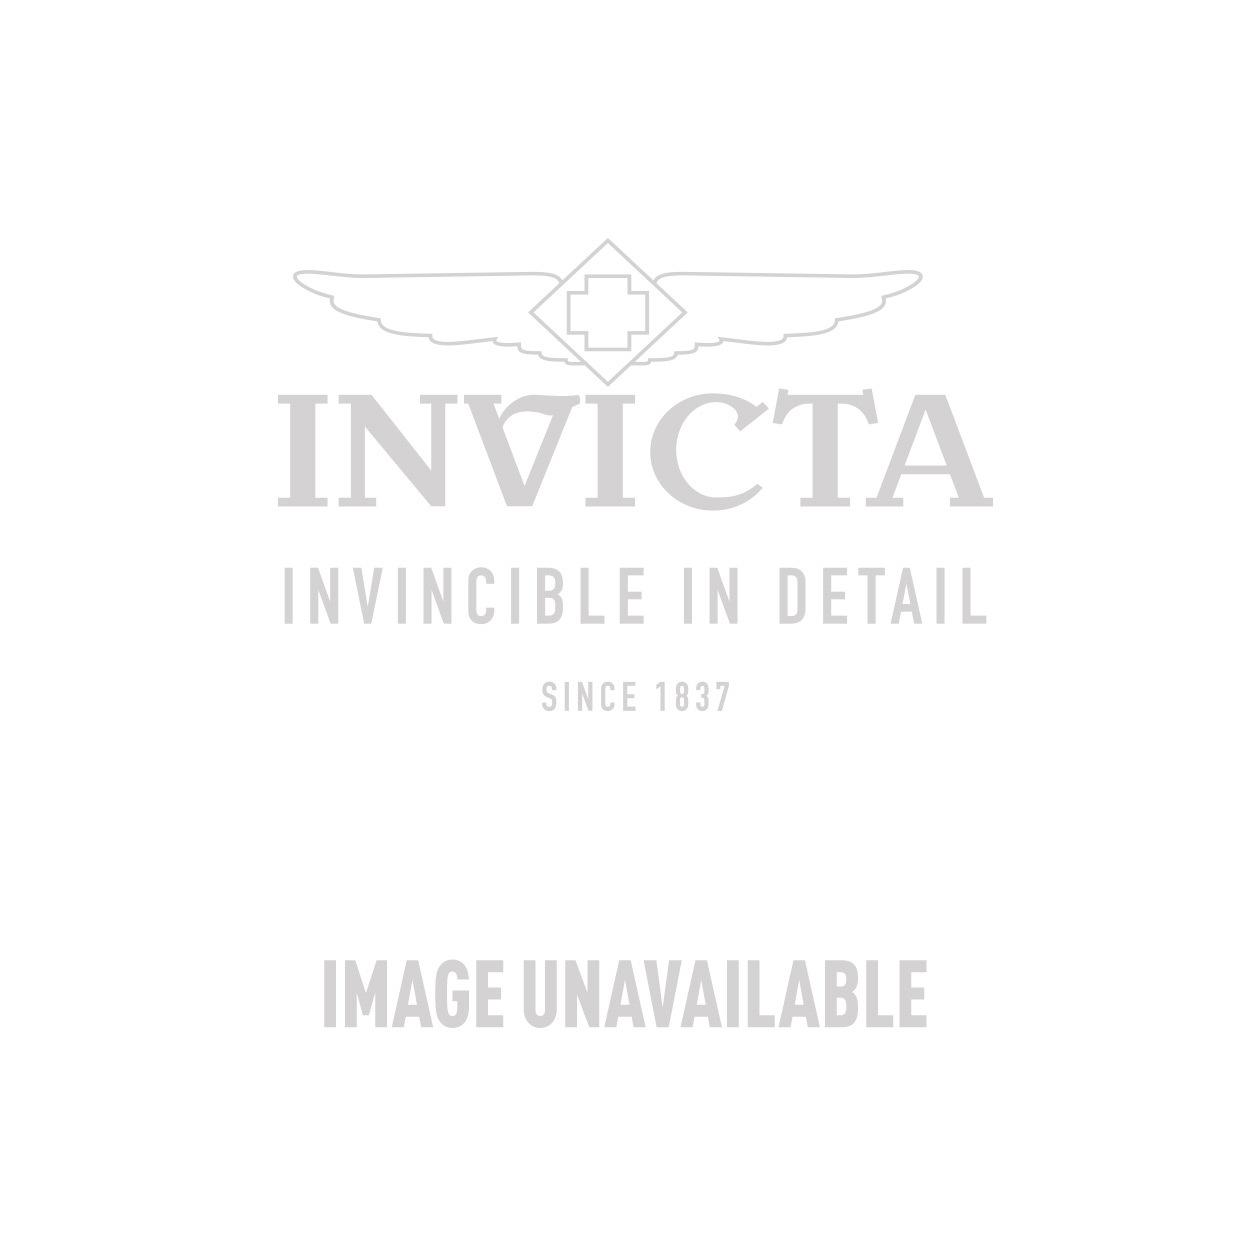 Invicta Model 26984